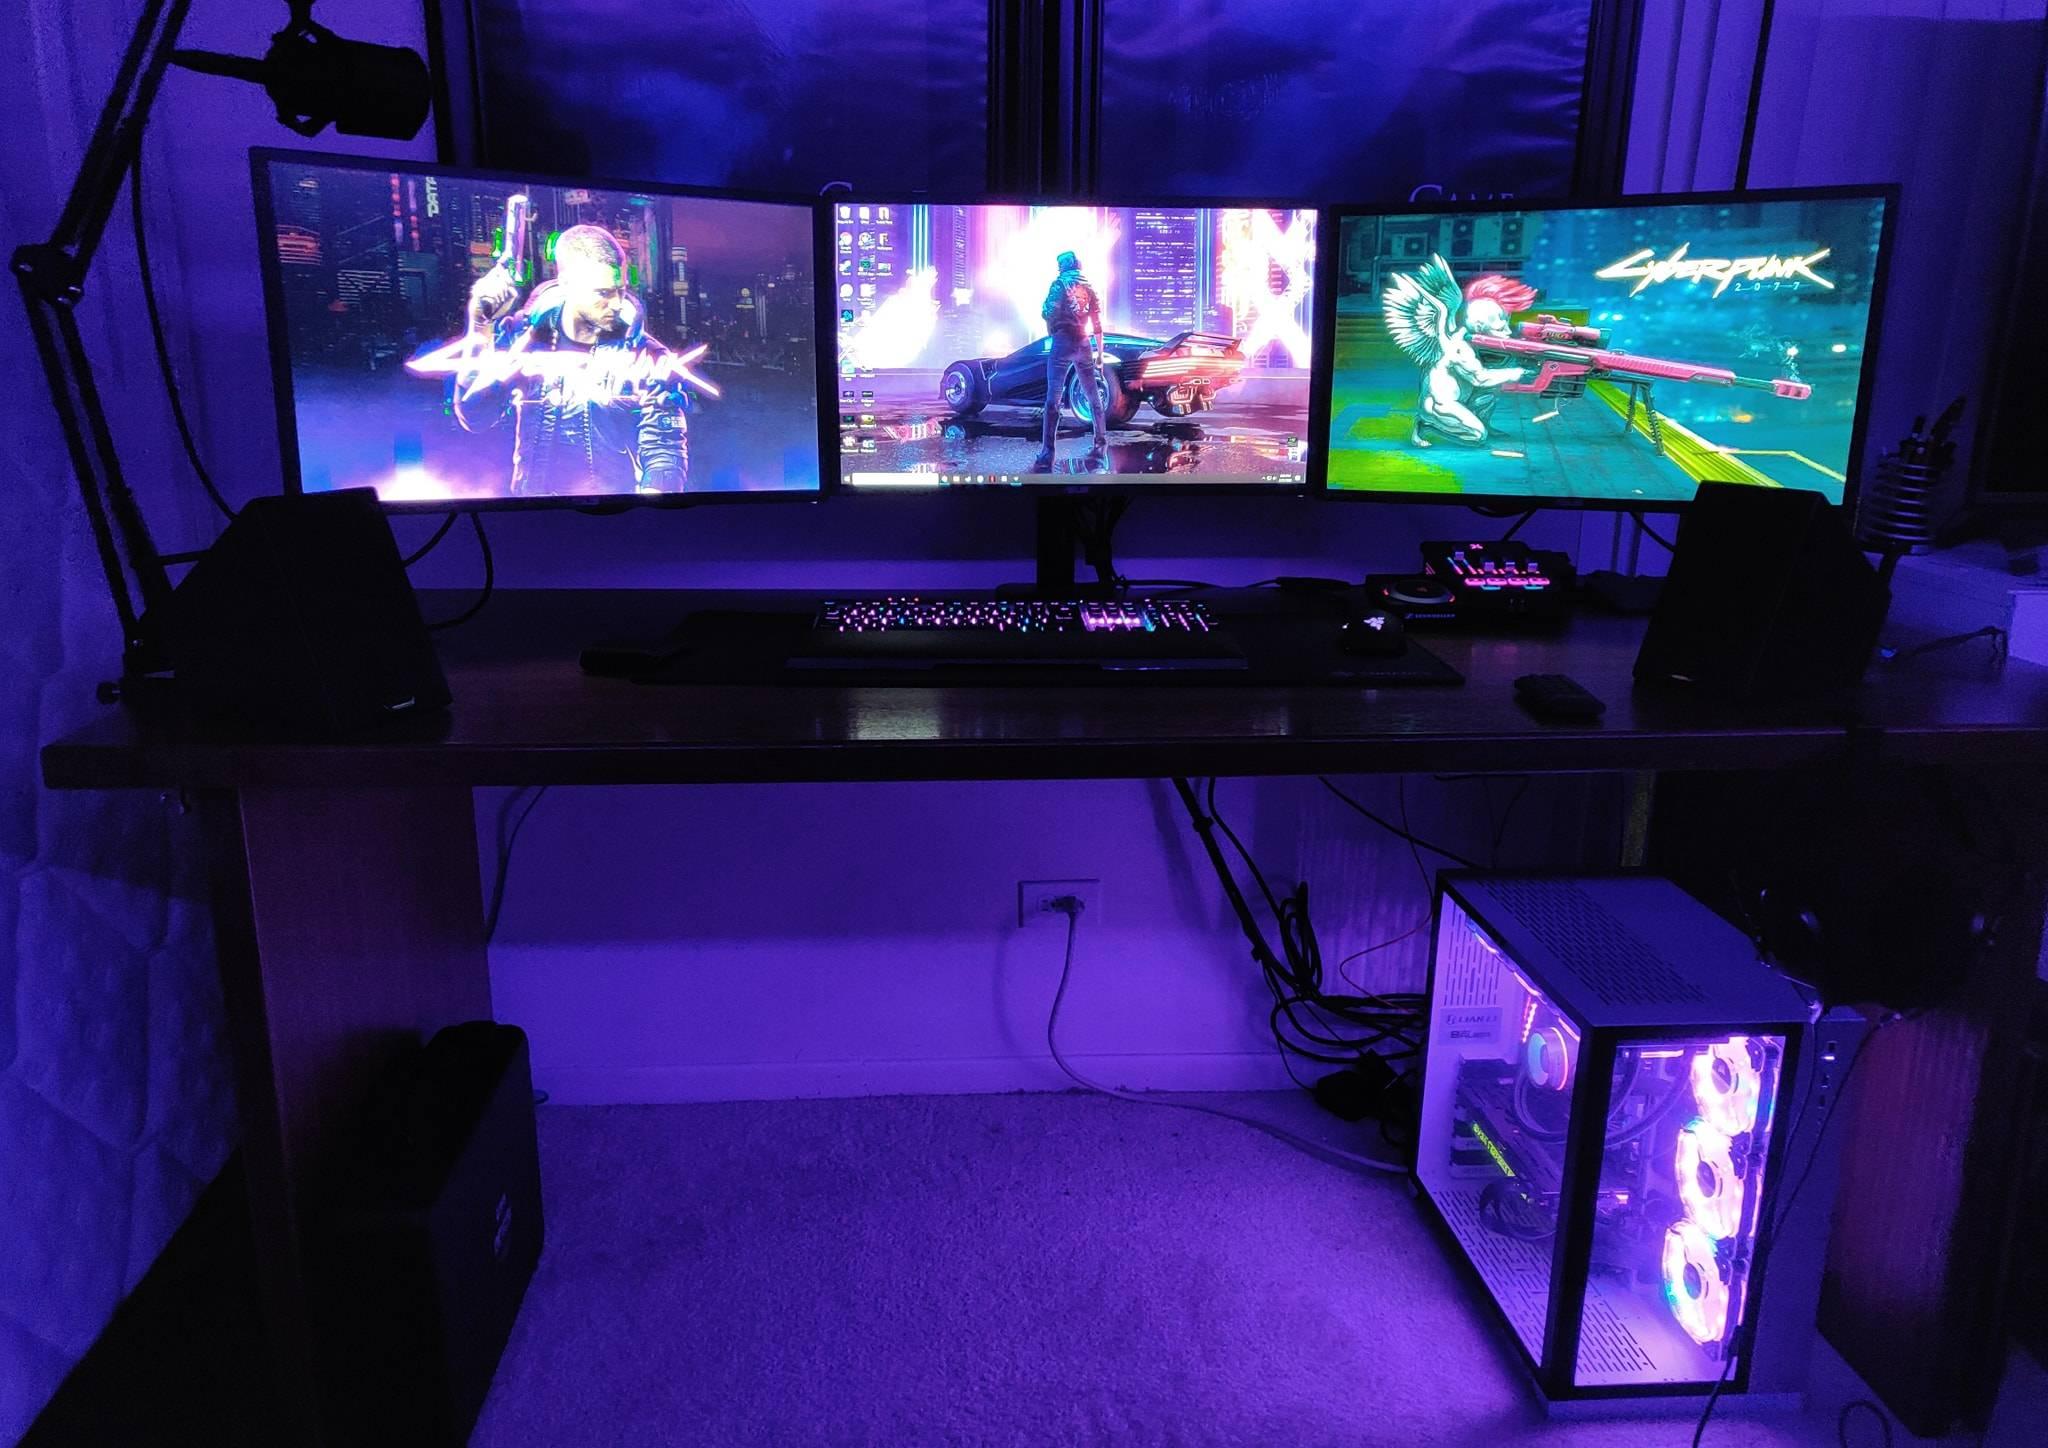 tonybrusic's Setup - Recently upgraded my setup   Scooget